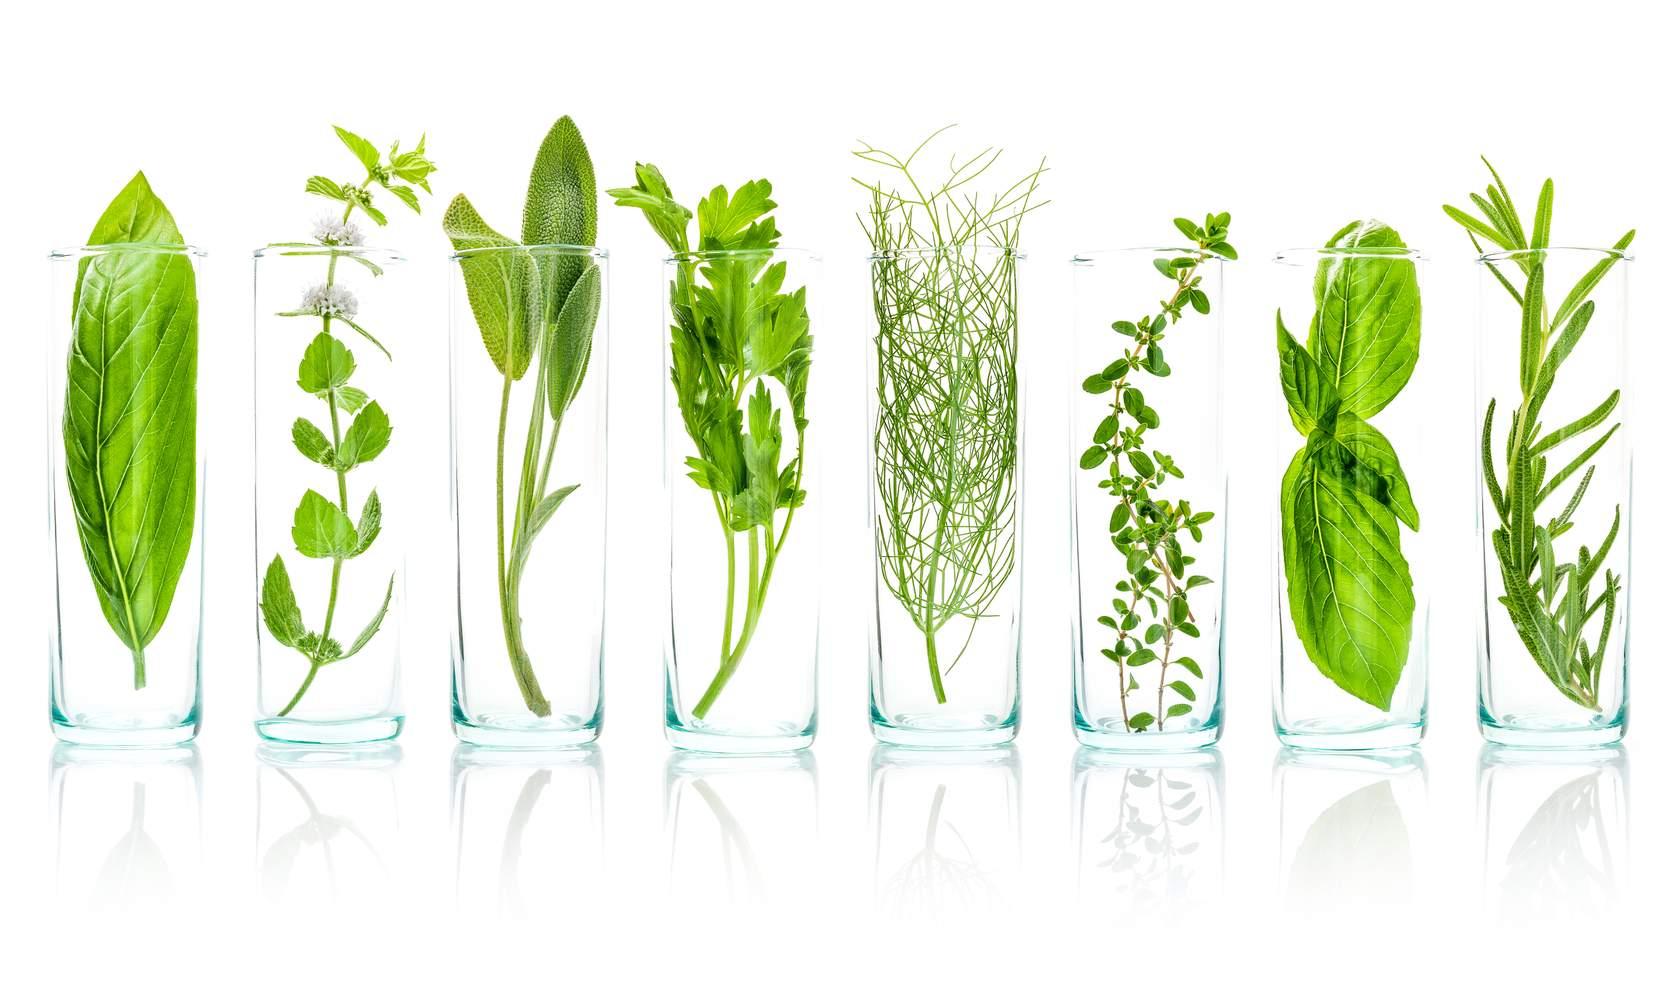 plants in glasses